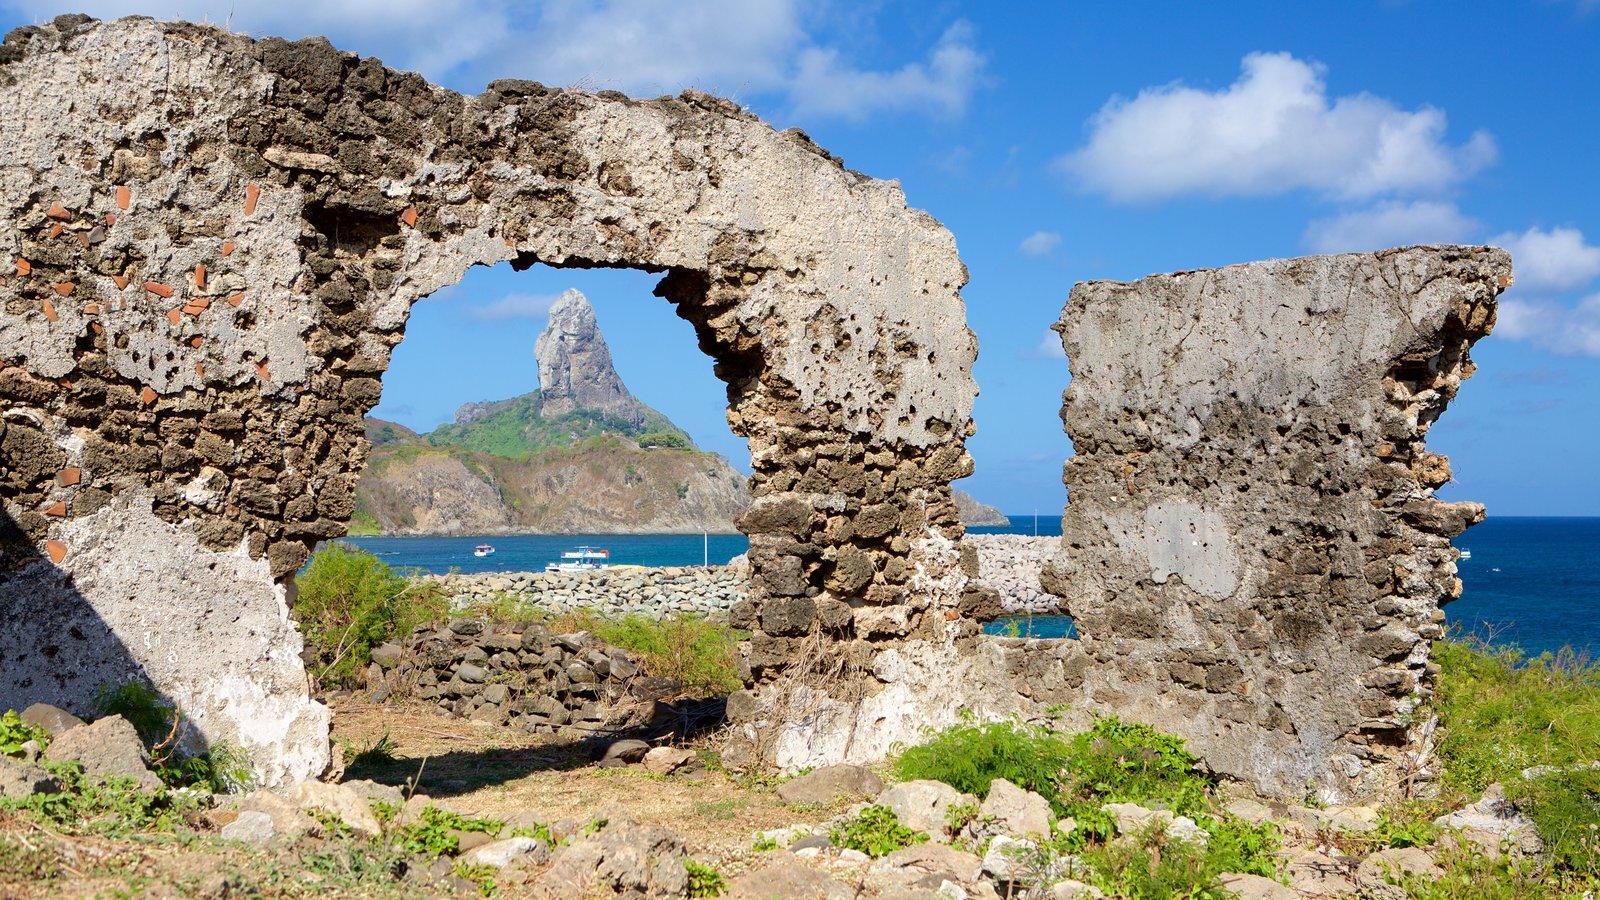 Ruínas do Forte de Santo Antônio caracterizando elementos de patrimônio, litoral rochoso e montanhas